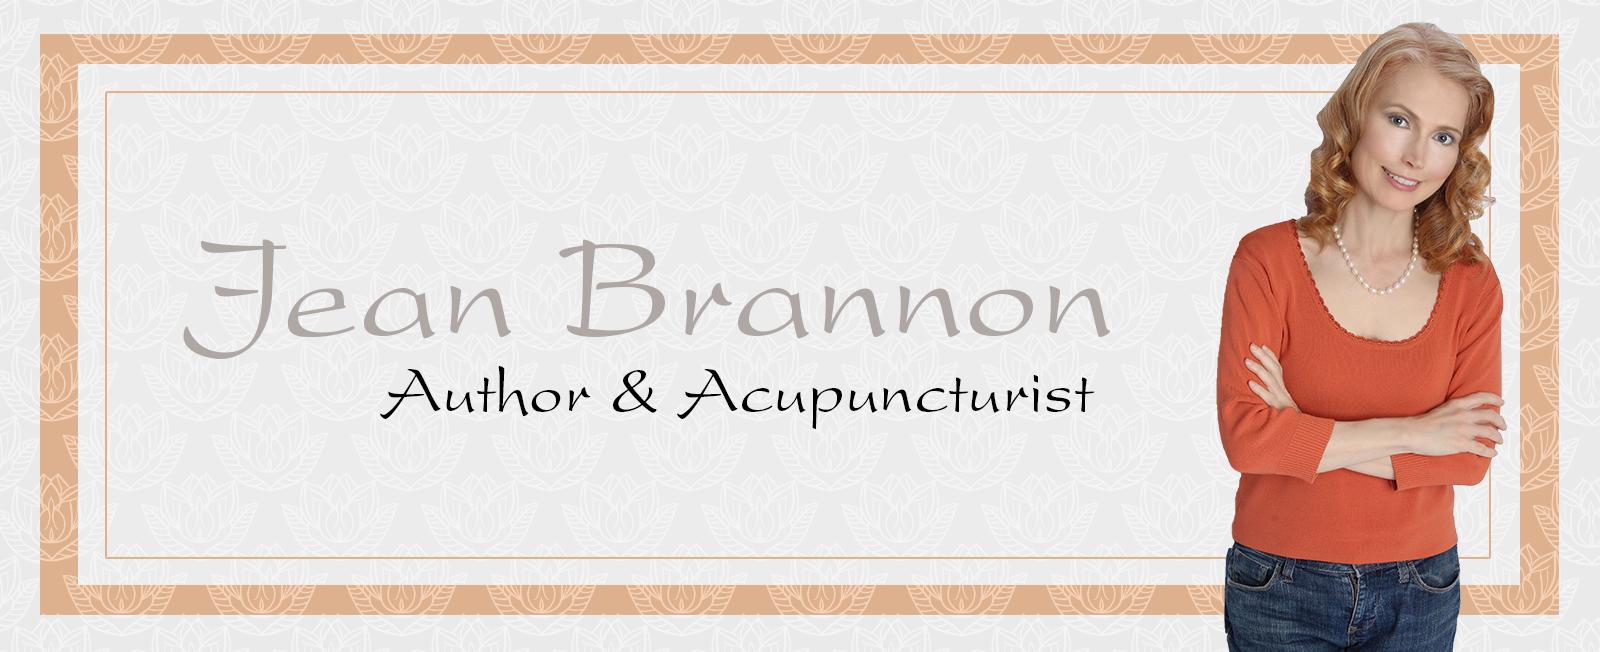 Jean Brannon